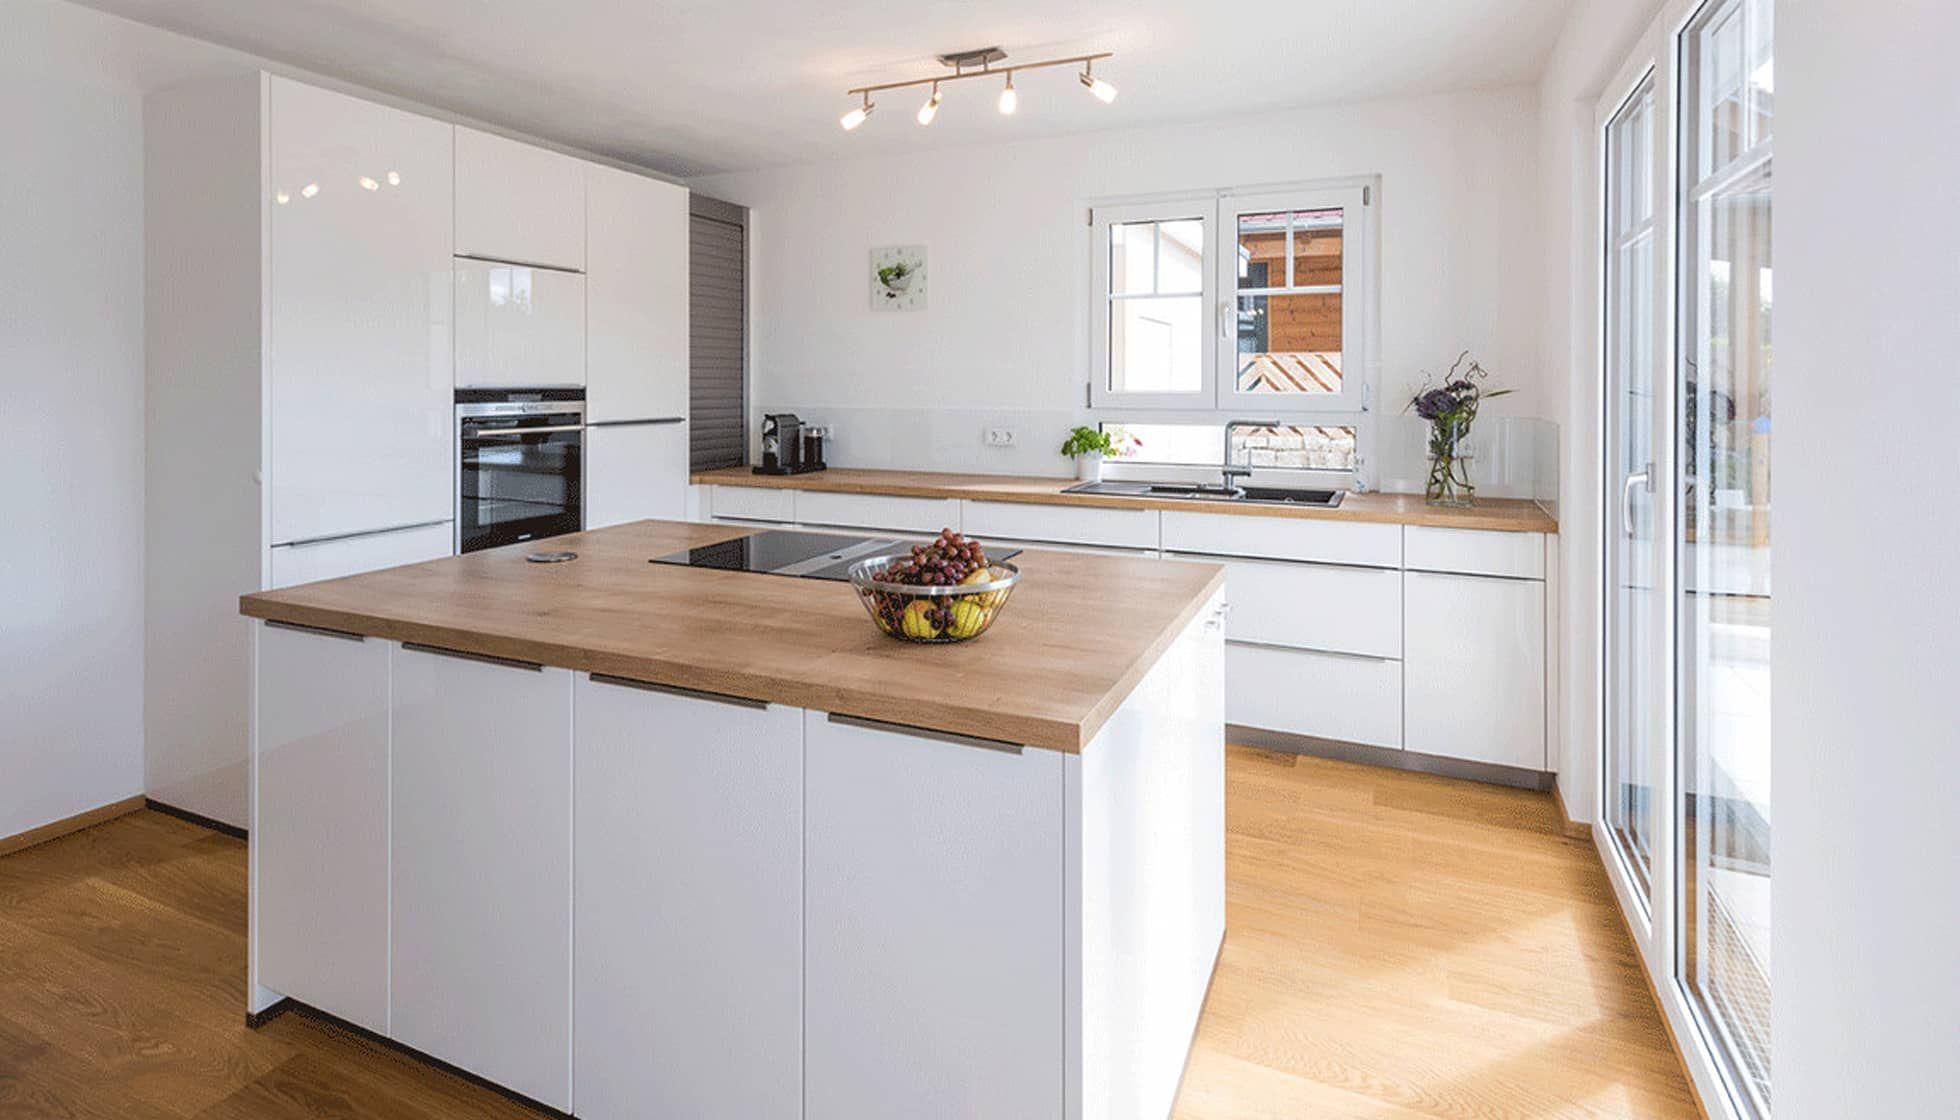 Küche mit zentralem küchenblock moderne küchen von kitzlingerhaus gmbh & co. kg modern | homify